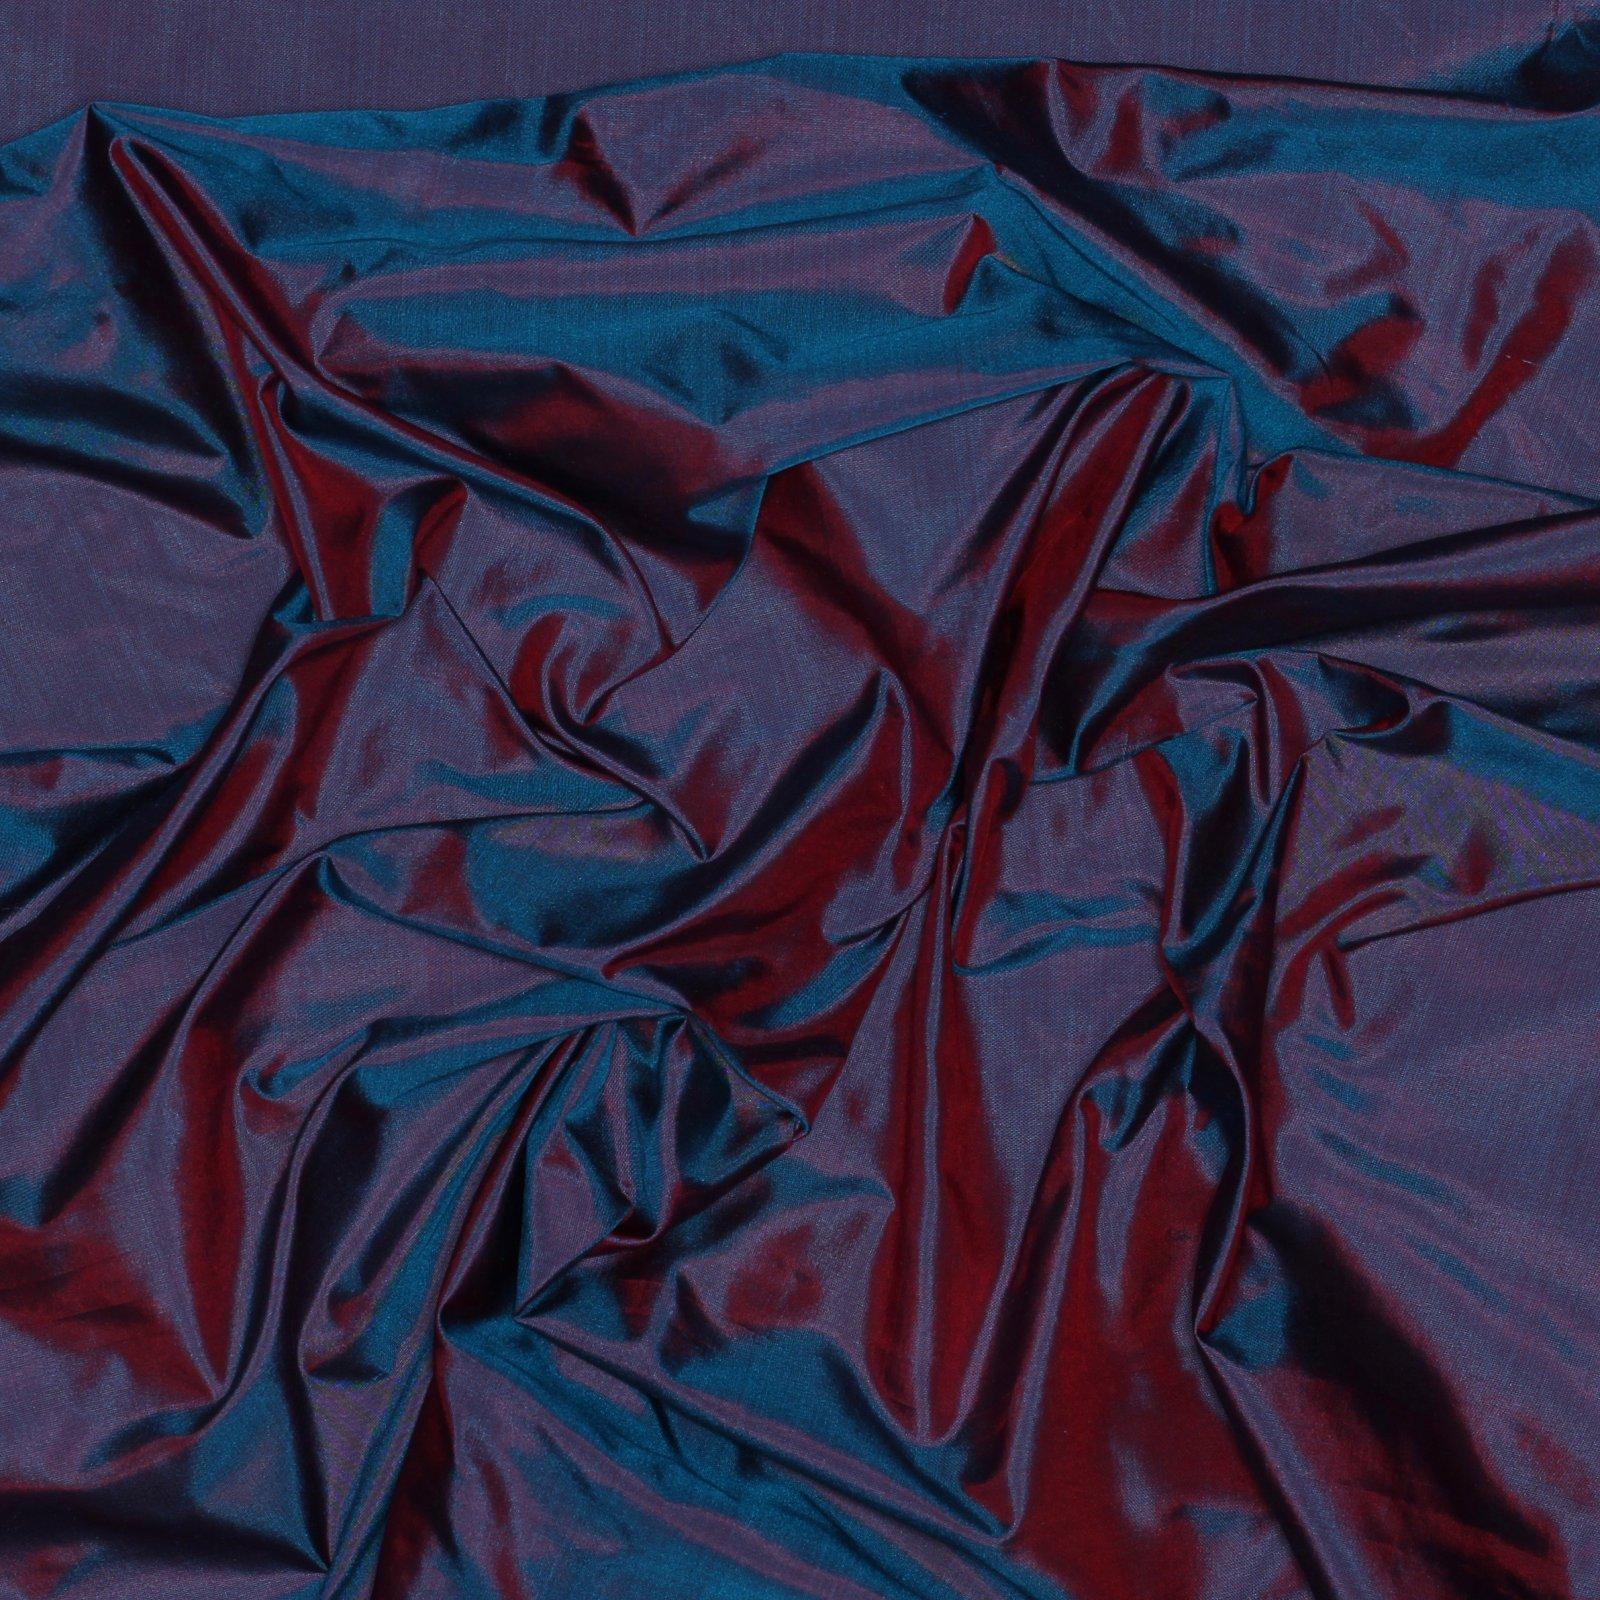 Pink/Blue Iridescent Silk